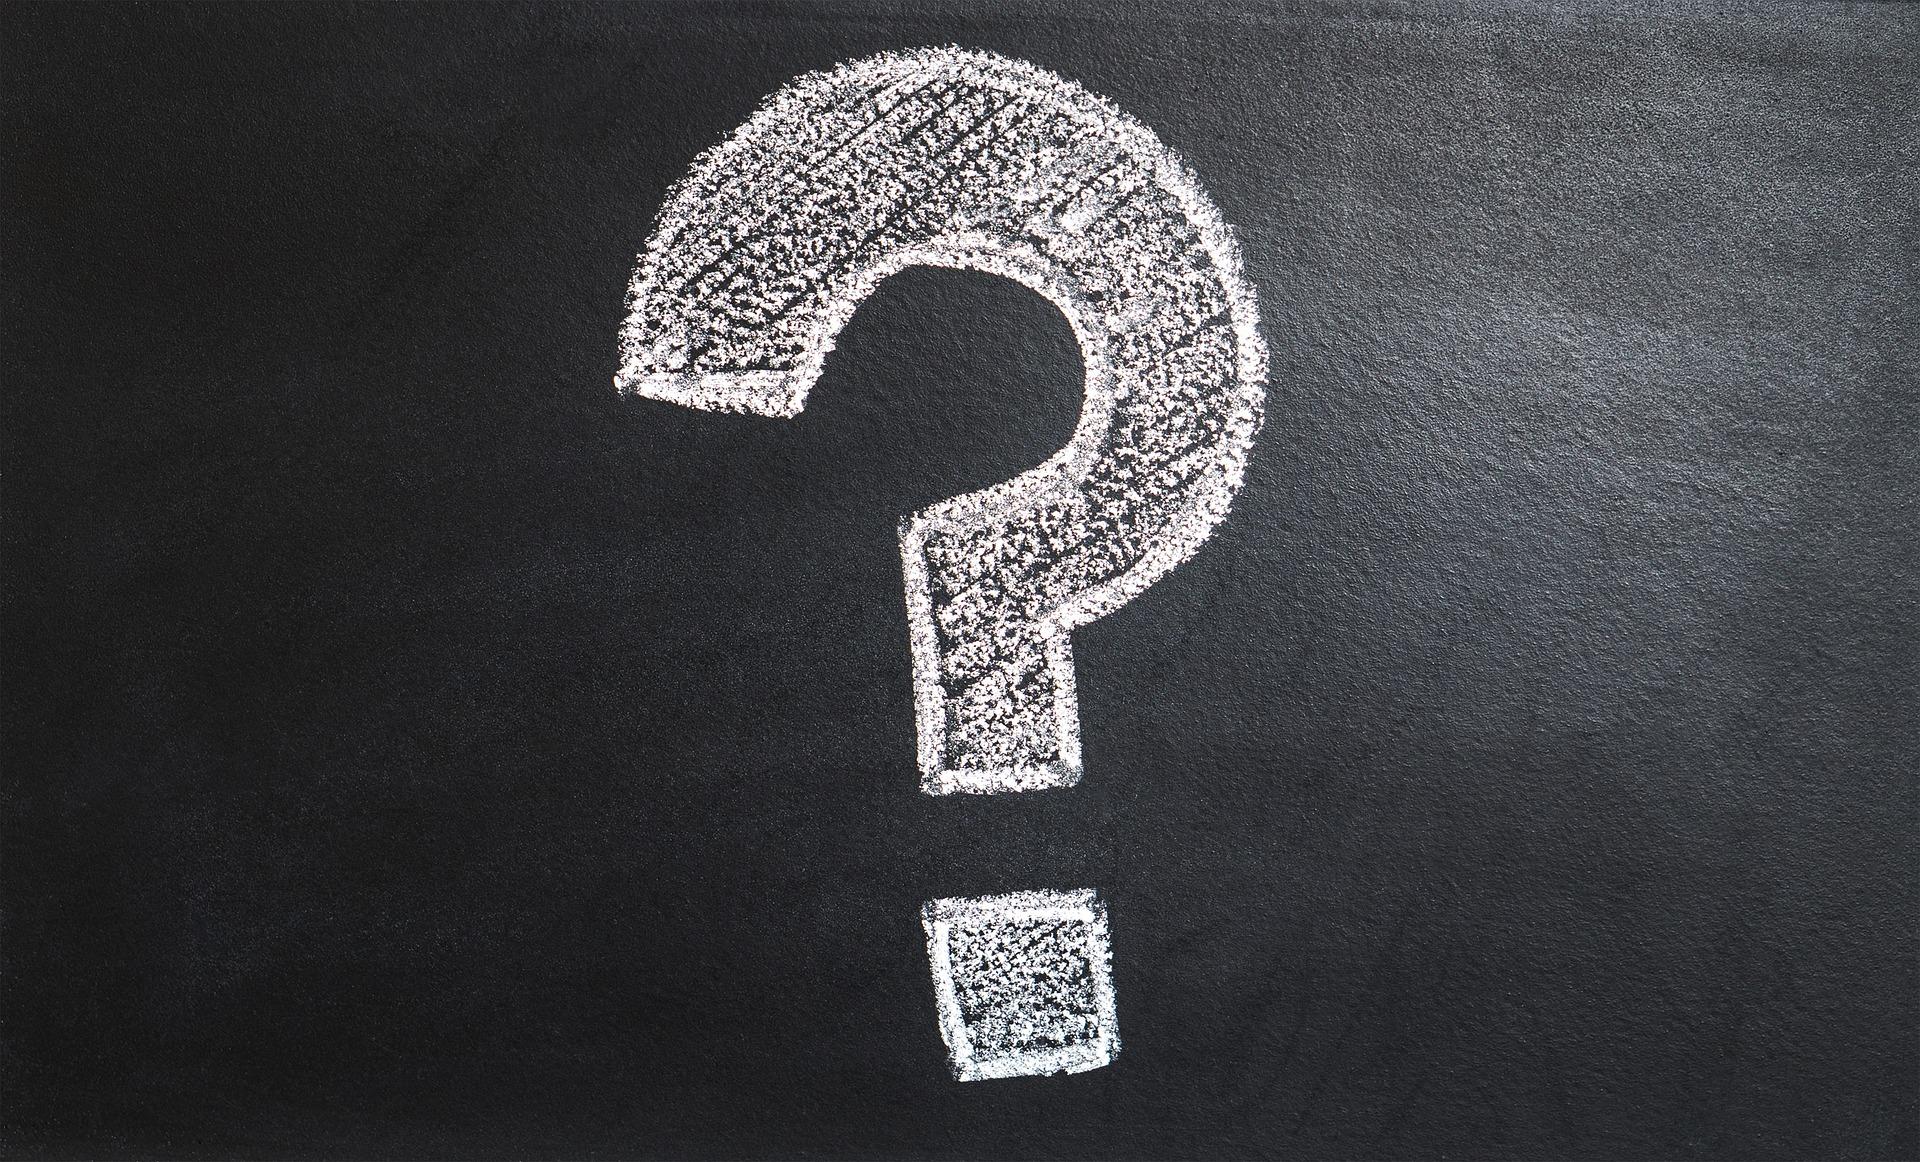 Jaki magnez kupić? Jaki magnez jest najlepiej przyswajalny?